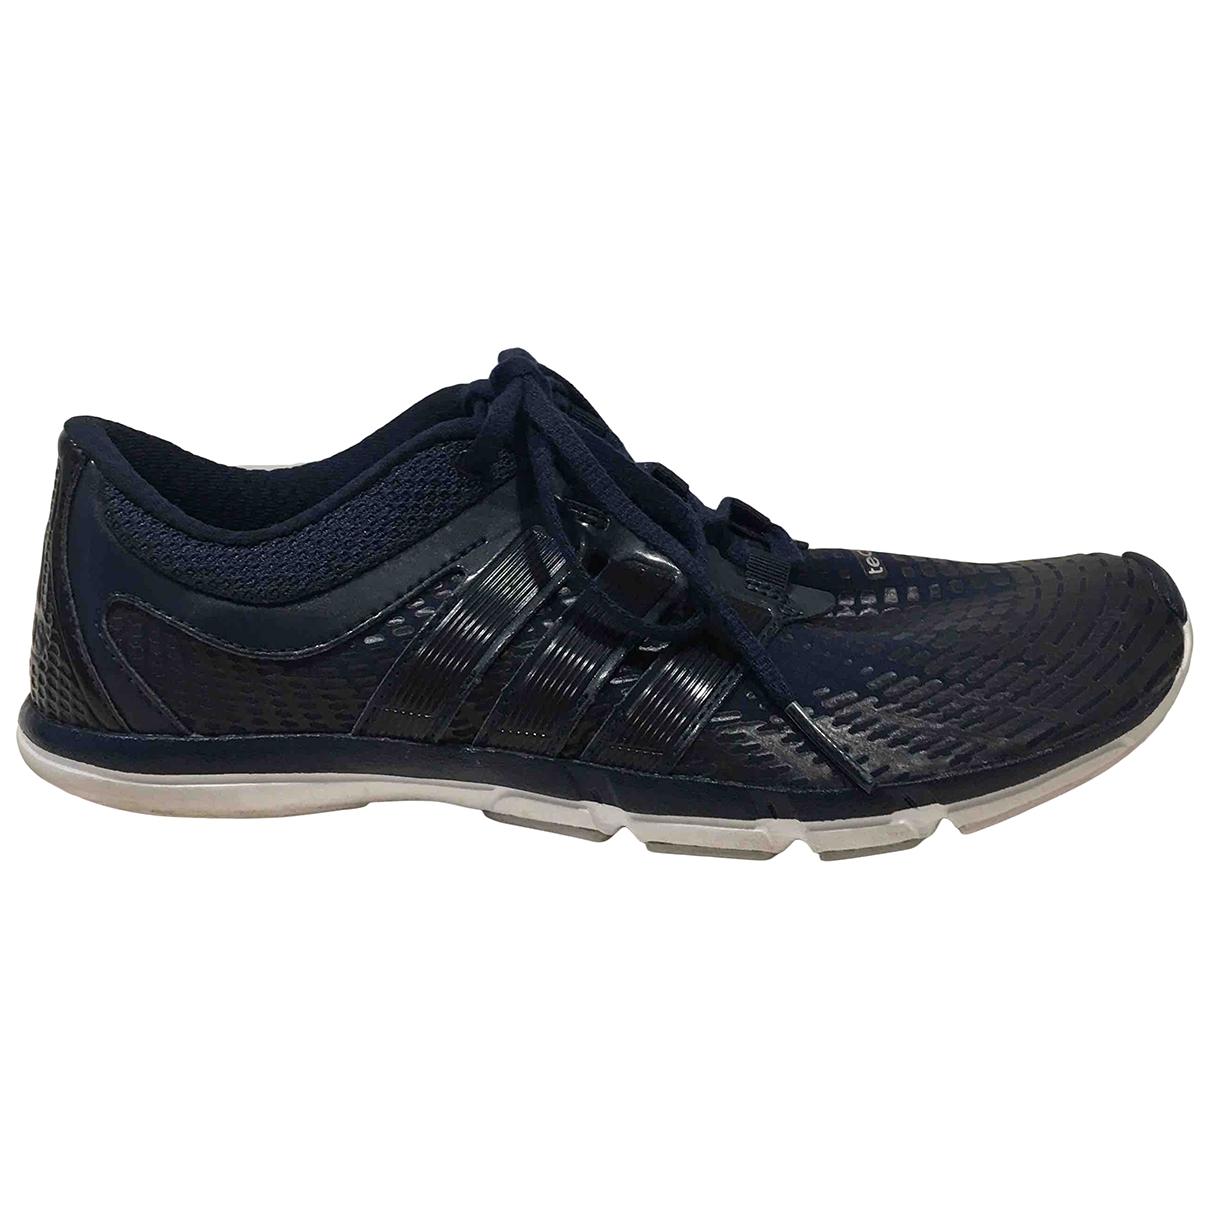 Adidas - Baskets PureBOOST pour homme - bleu